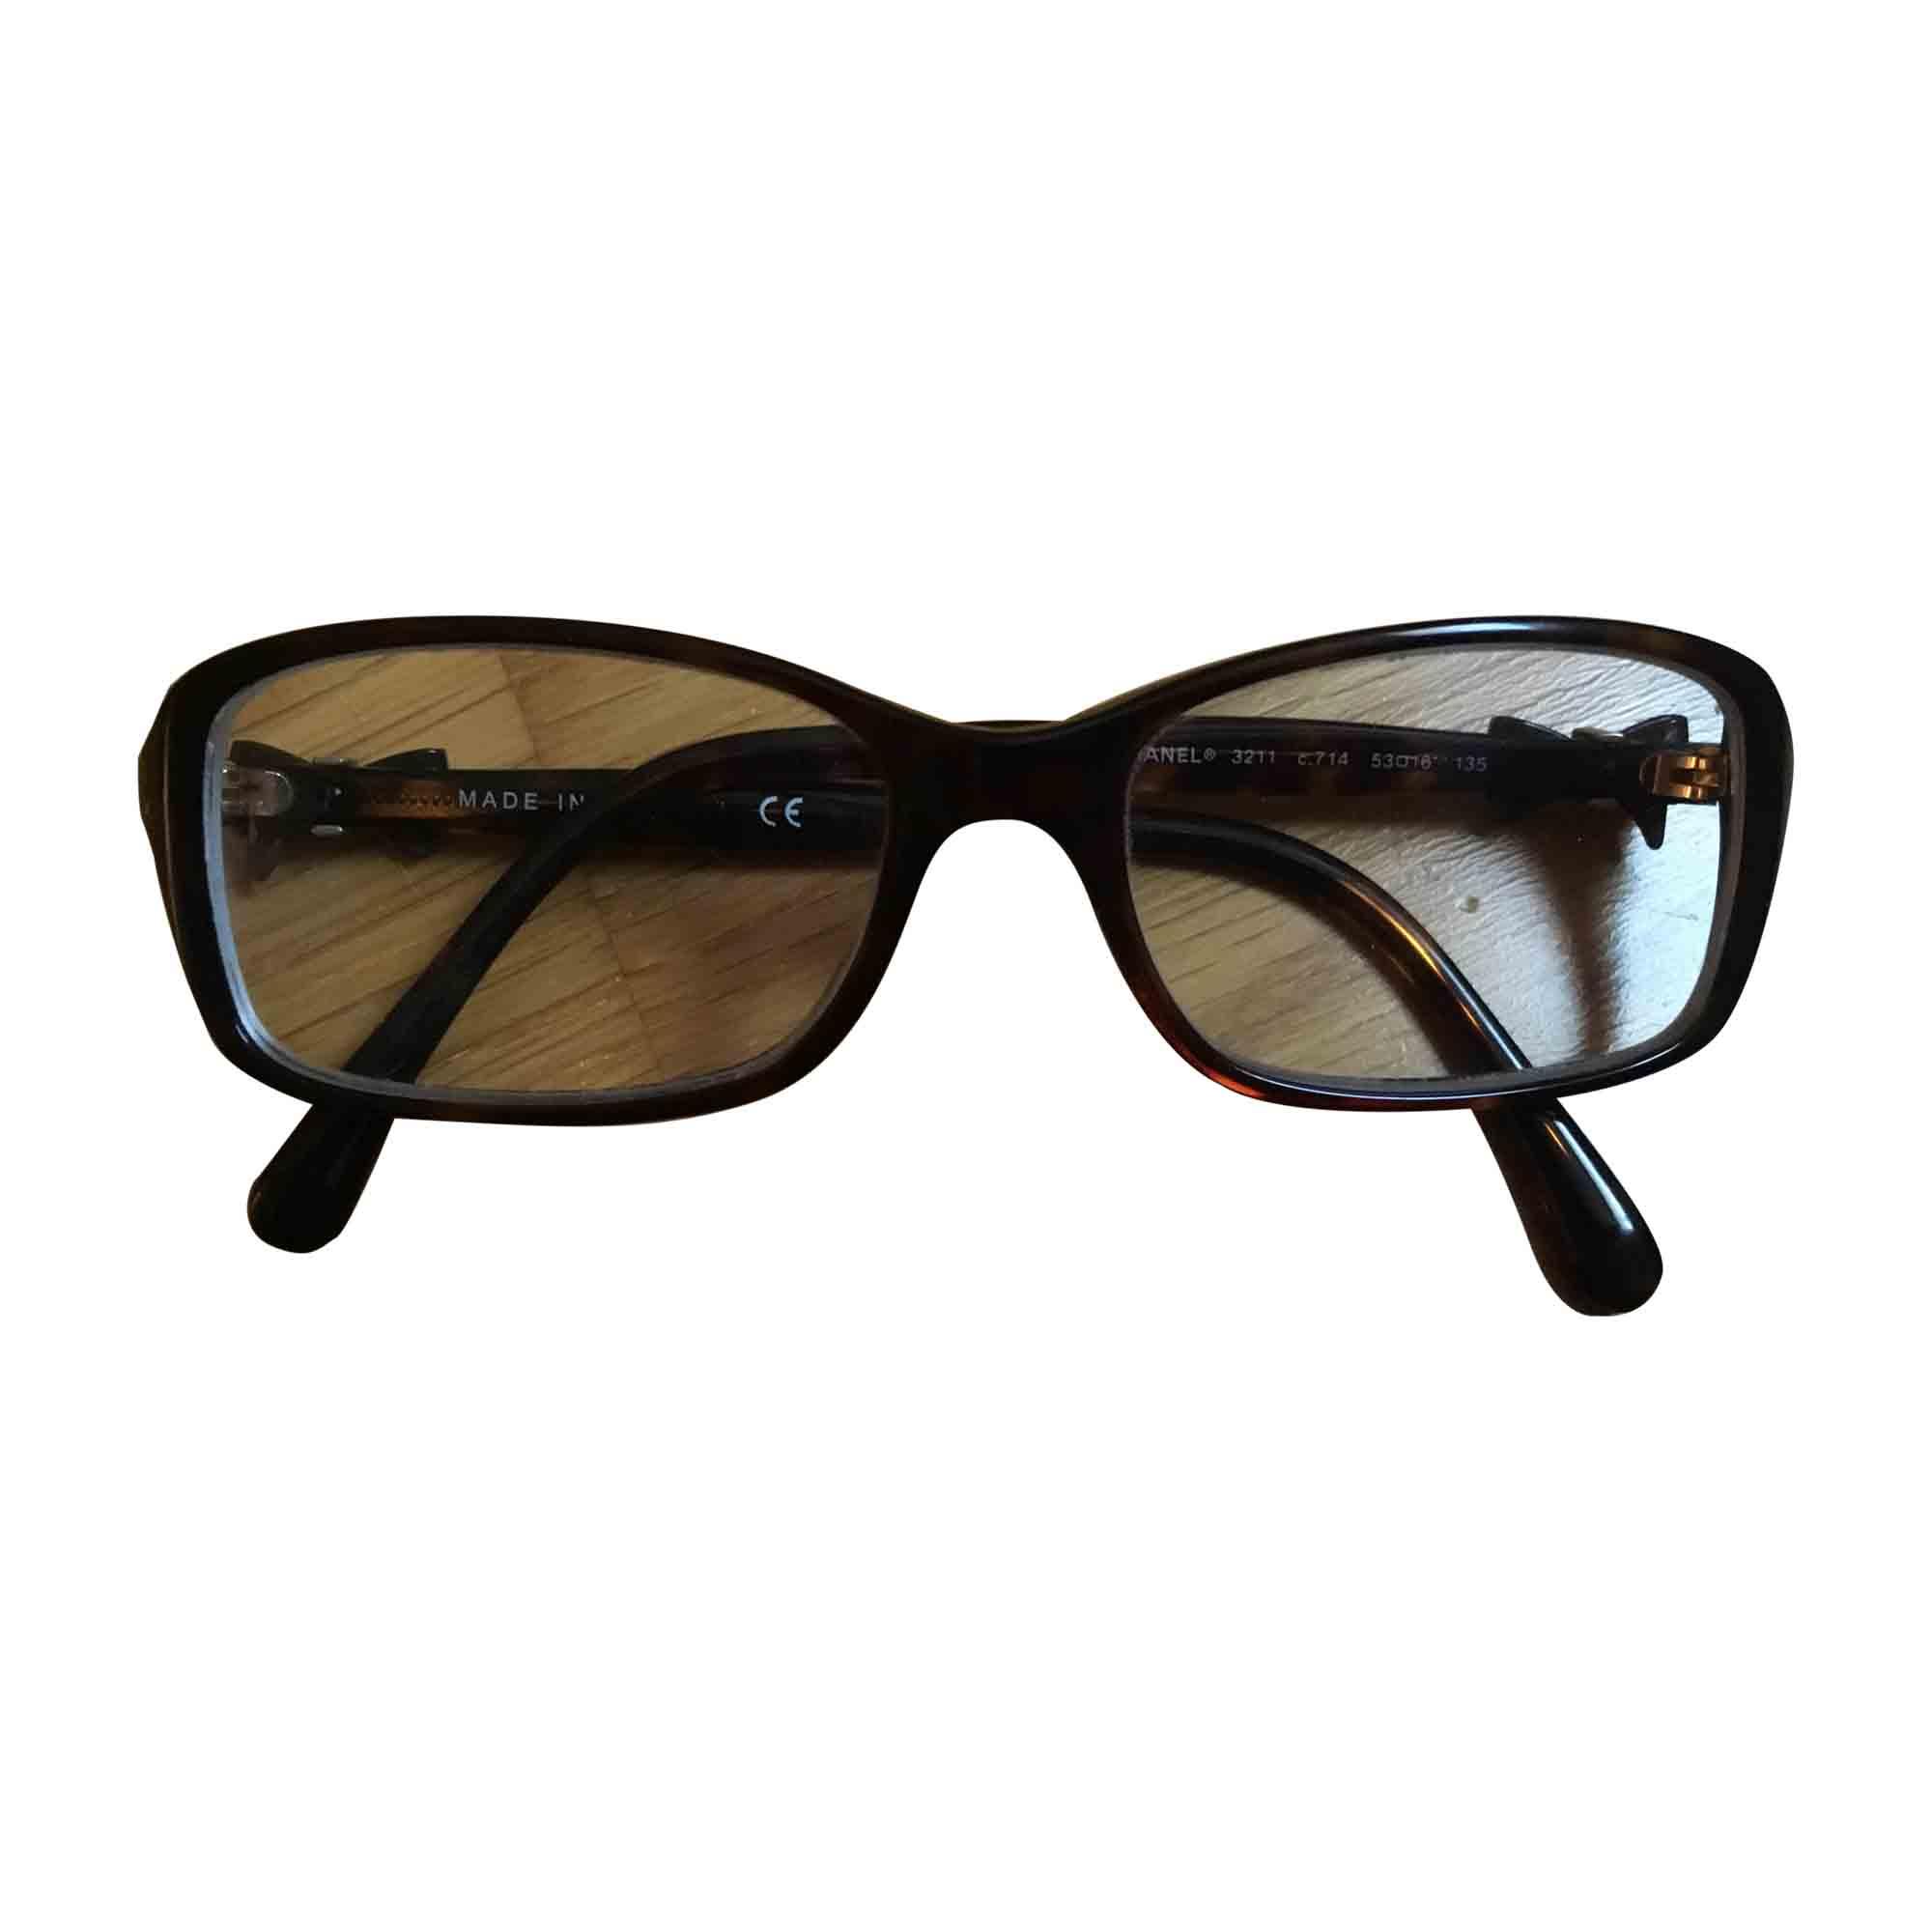 e47fc0cec43dc5 Monture de lunettes CHANEL marron - 7354600